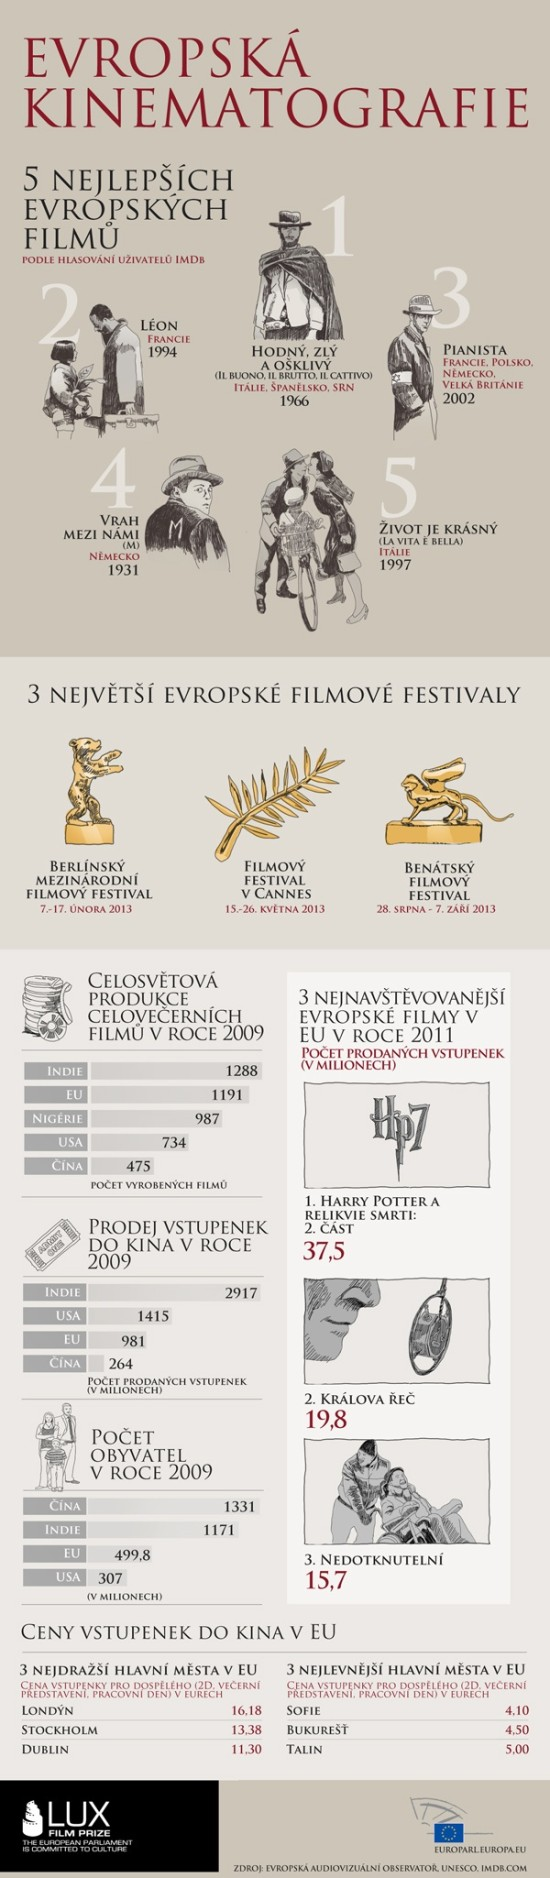 Evropska kinematografie - infografika